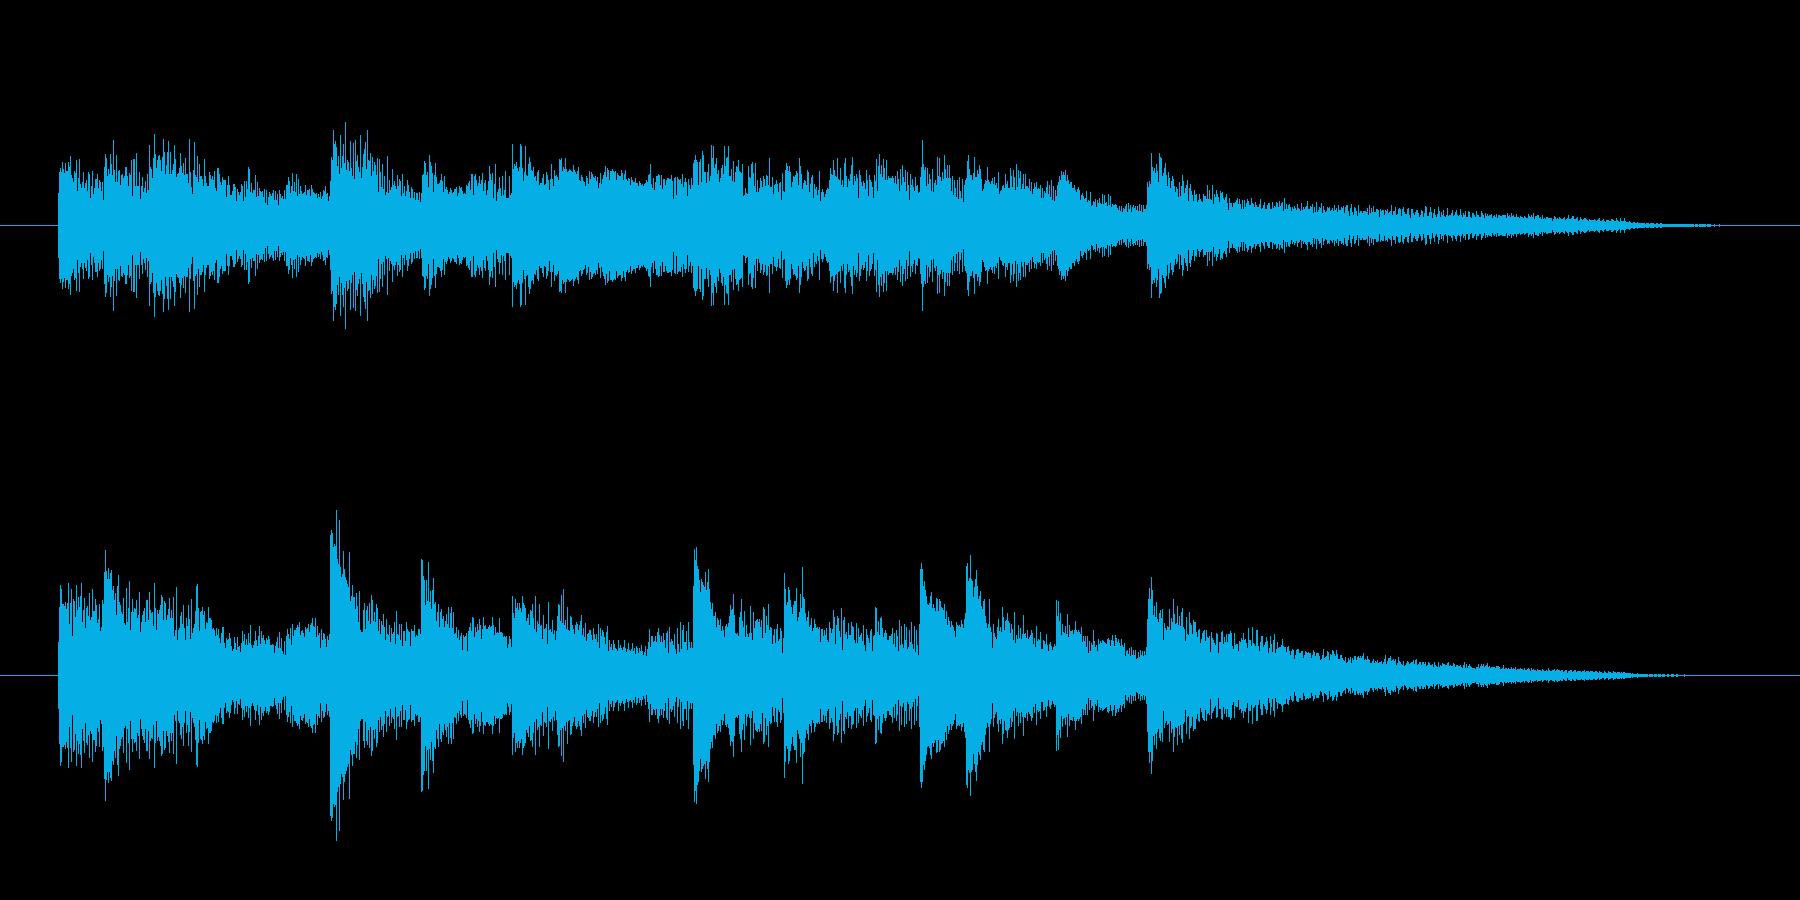 夜の都会風 ピアノソロジングルの再生済みの波形